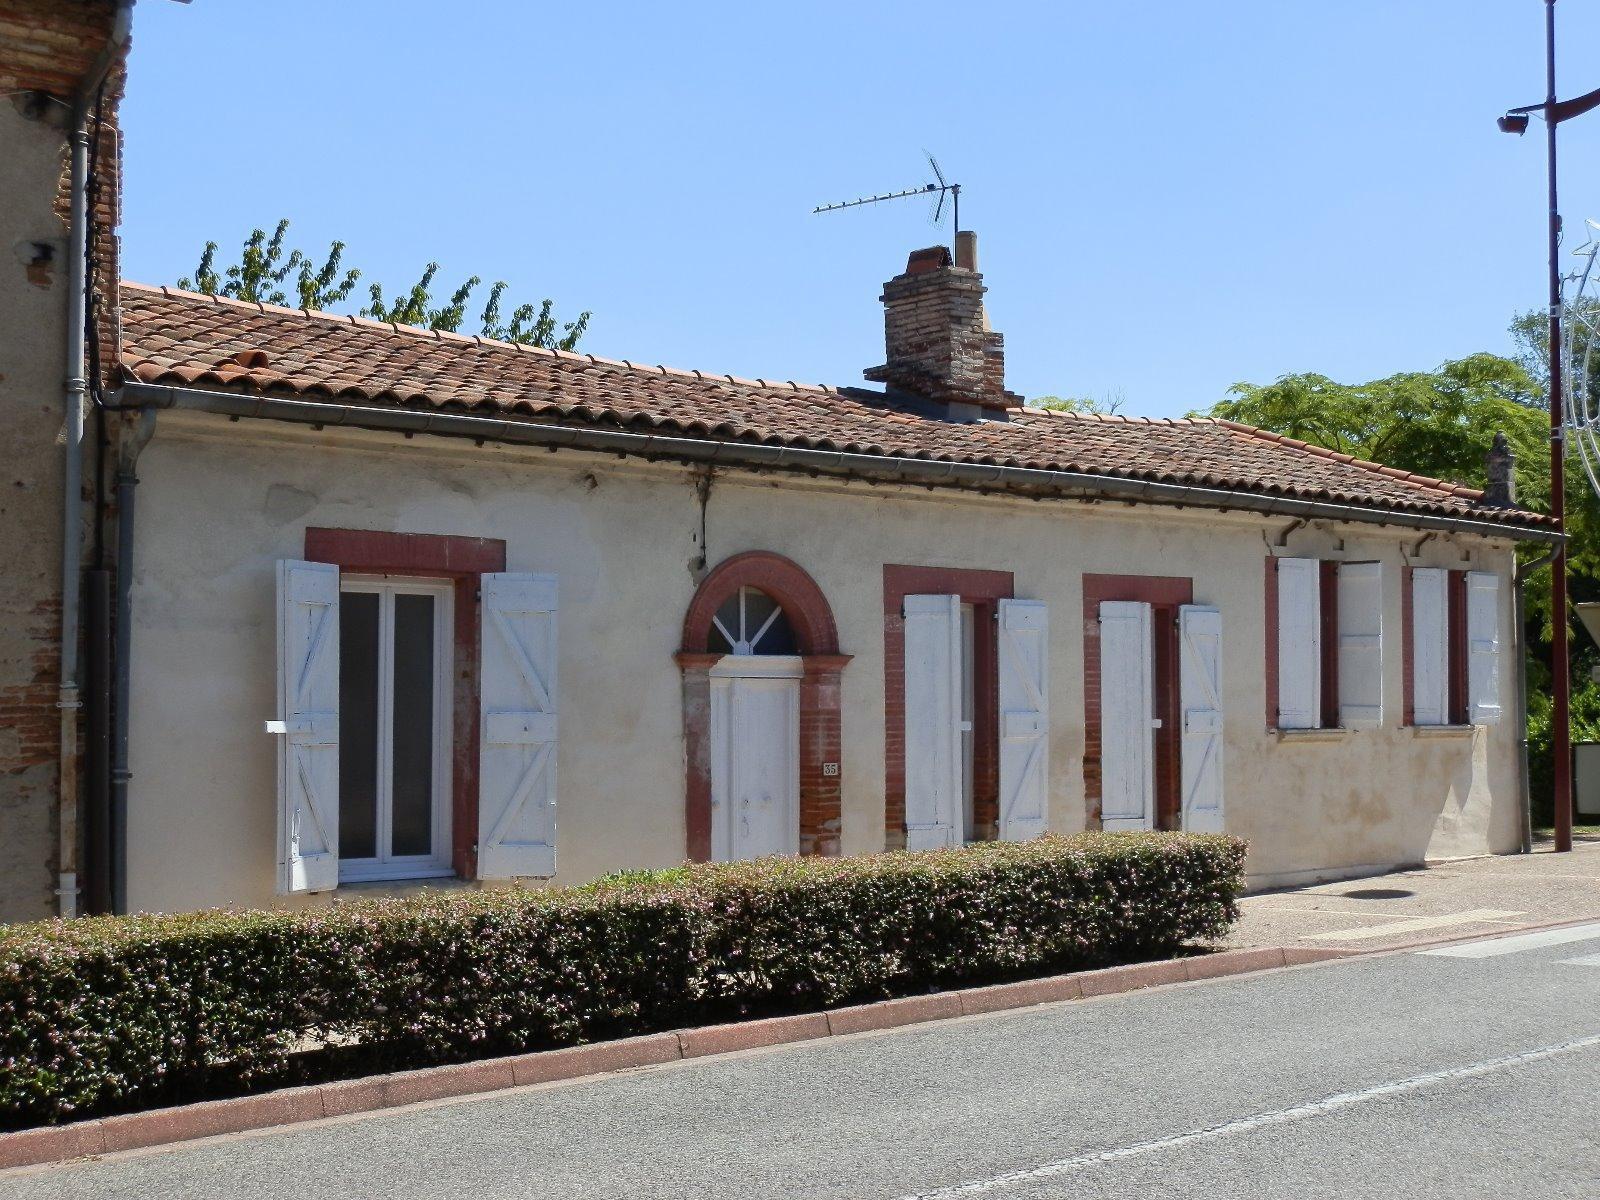 Arrendamento Casa - Labastide-Beauvoir